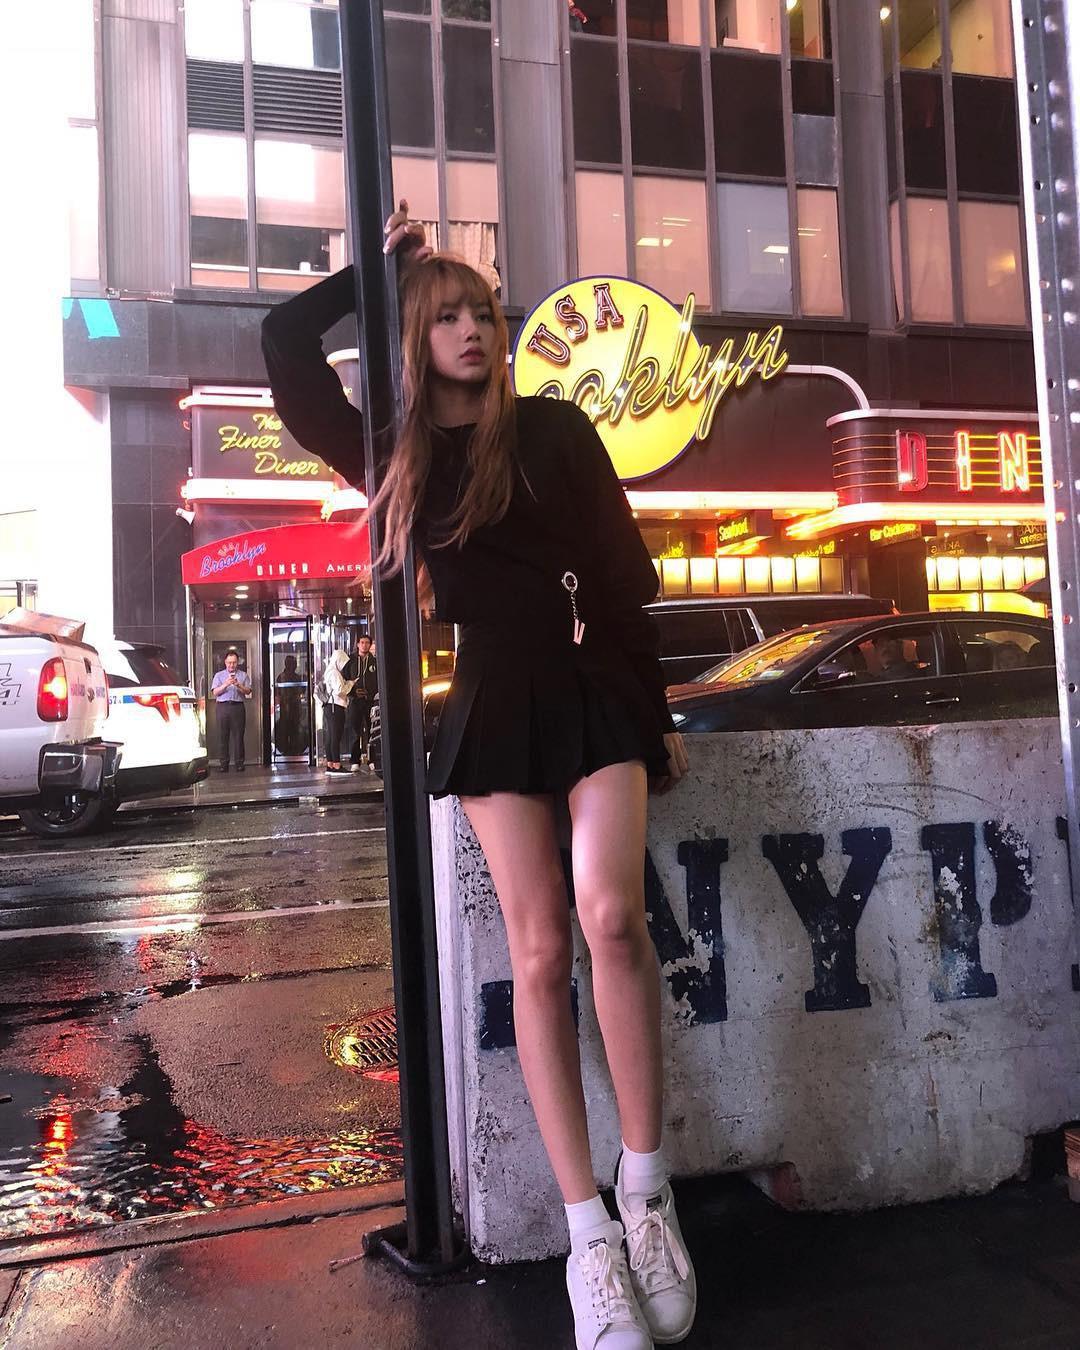 Đẳng cấp búp bê sống Thái Lan Lisa (BLACKPINK): Chân dài trời ban thách thức mọi khung hình, kể cả chụp vội - Ảnh 11.